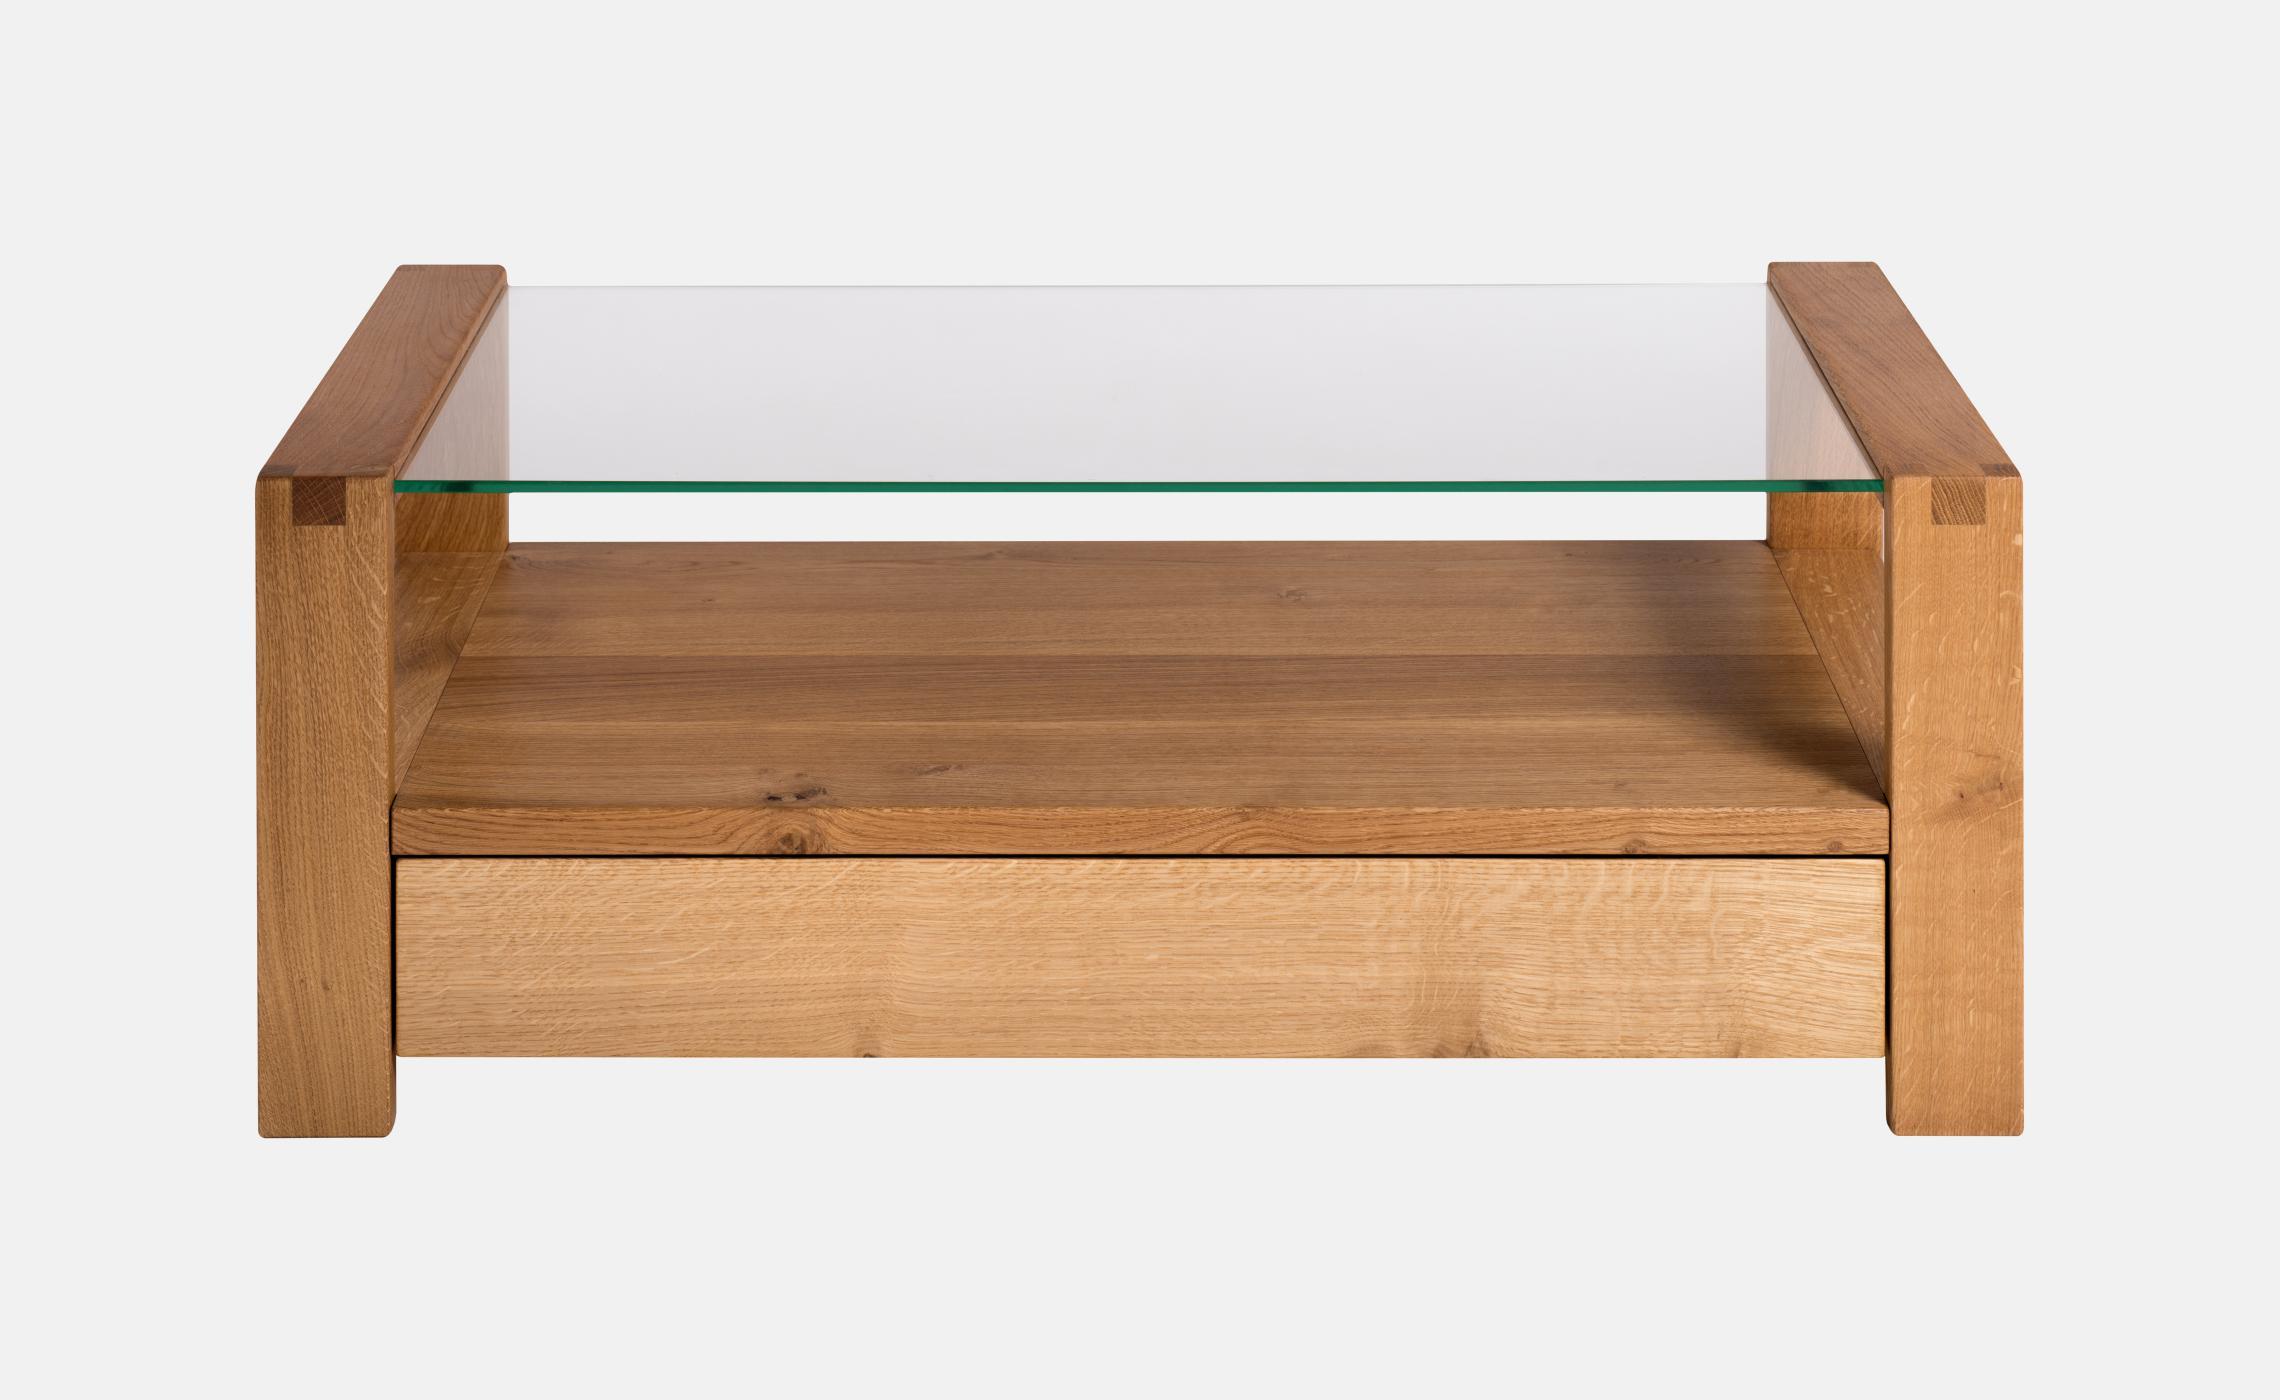 table basse moderne en verre et bois avec tiroir sainbiose delorme meubles. Black Bedroom Furniture Sets. Home Design Ideas